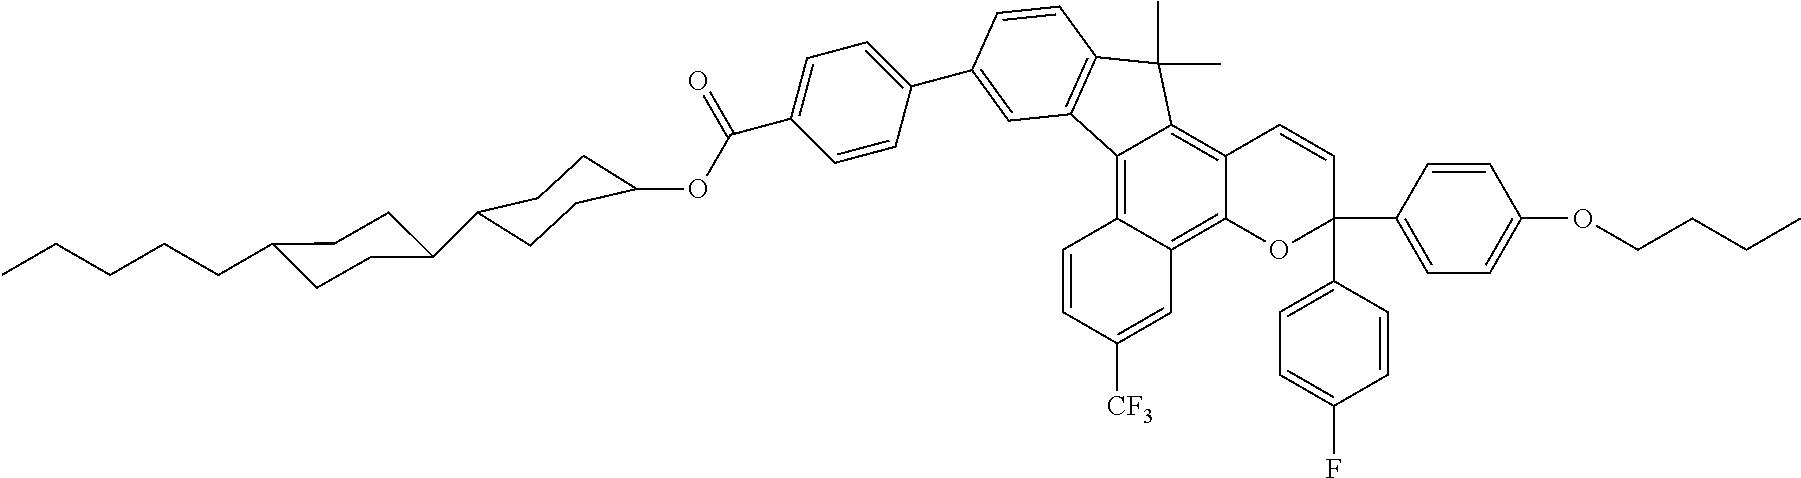 Figure US08545984-20131001-C00038